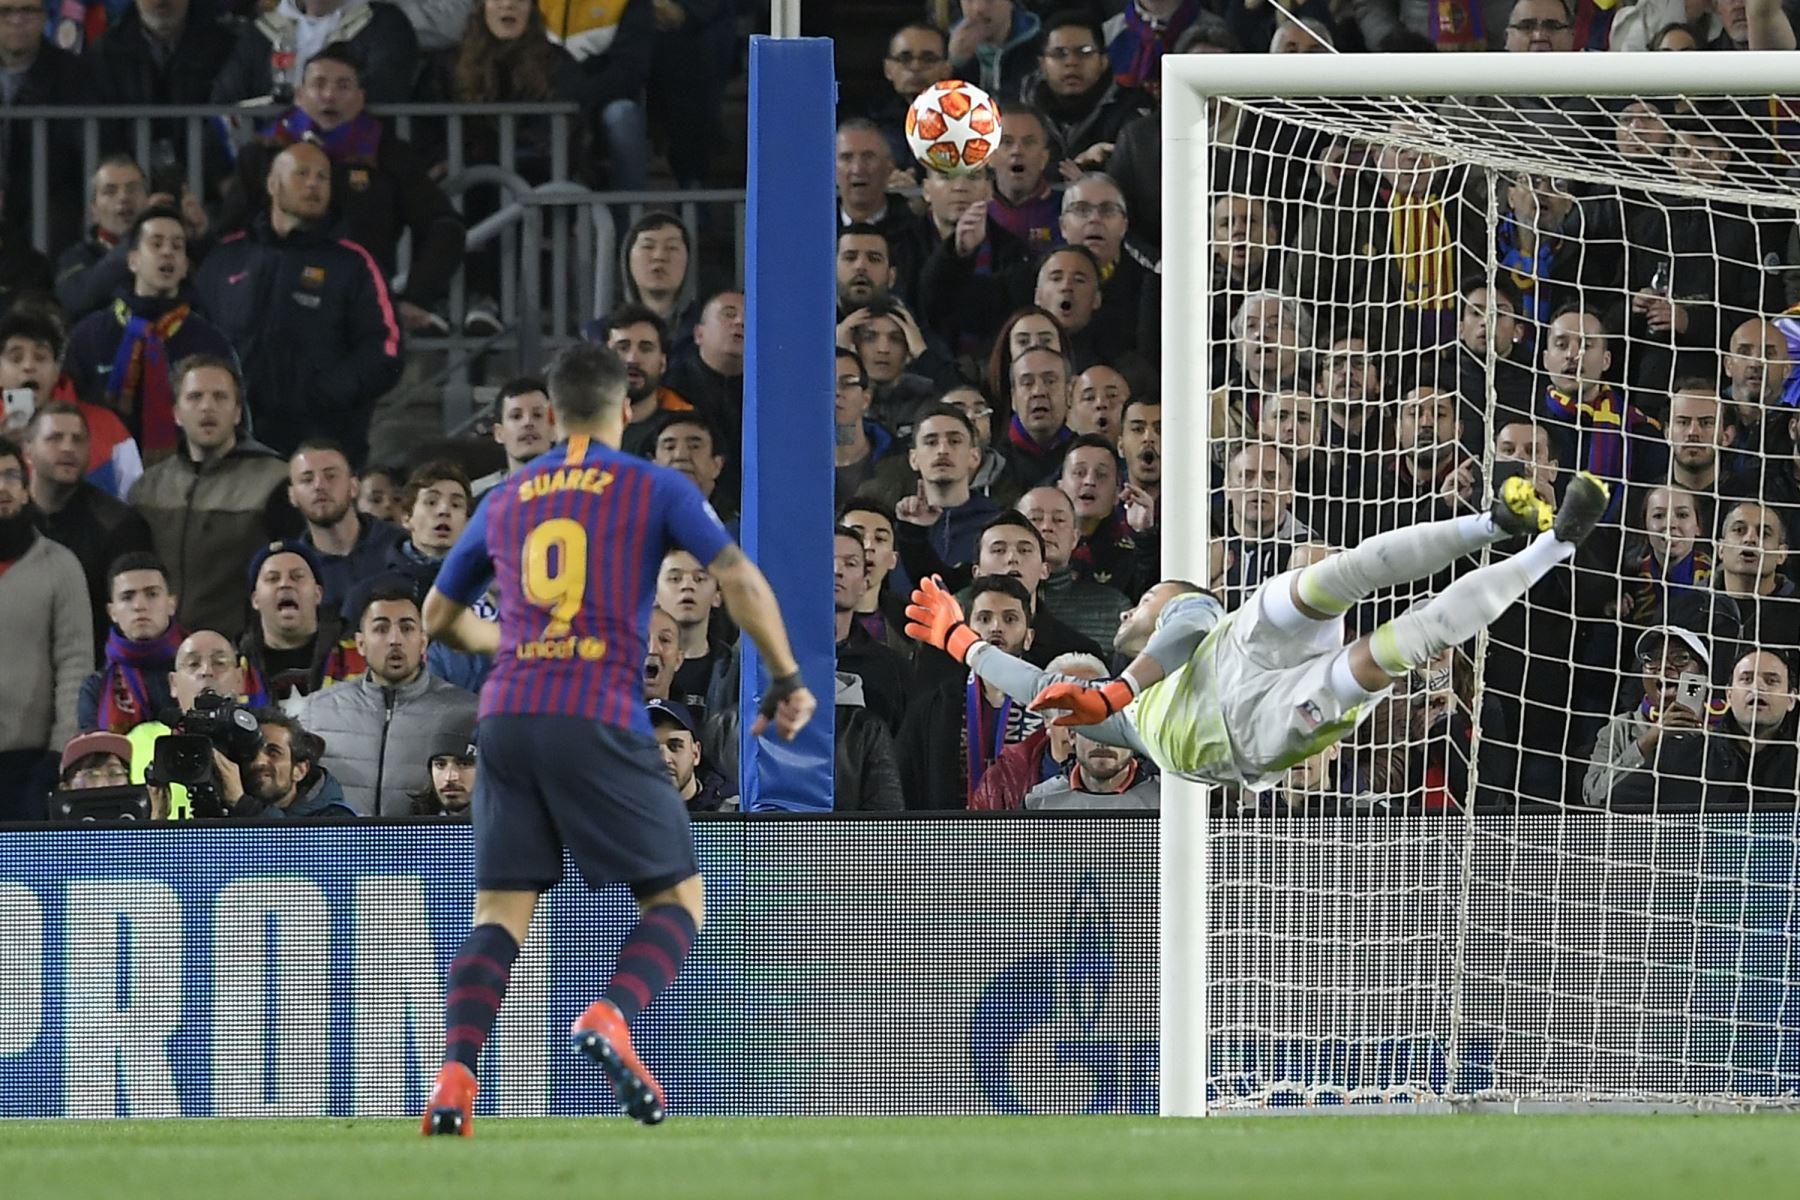 El portero portugués de Lyon, Anthony Lopes, despeja la pelota durante la ronda de la UEFA Champions League  entre el FC Barcelona y el Olympique Lyonnais en el estadio Camp Nou en Barcelona. Foto: AFP